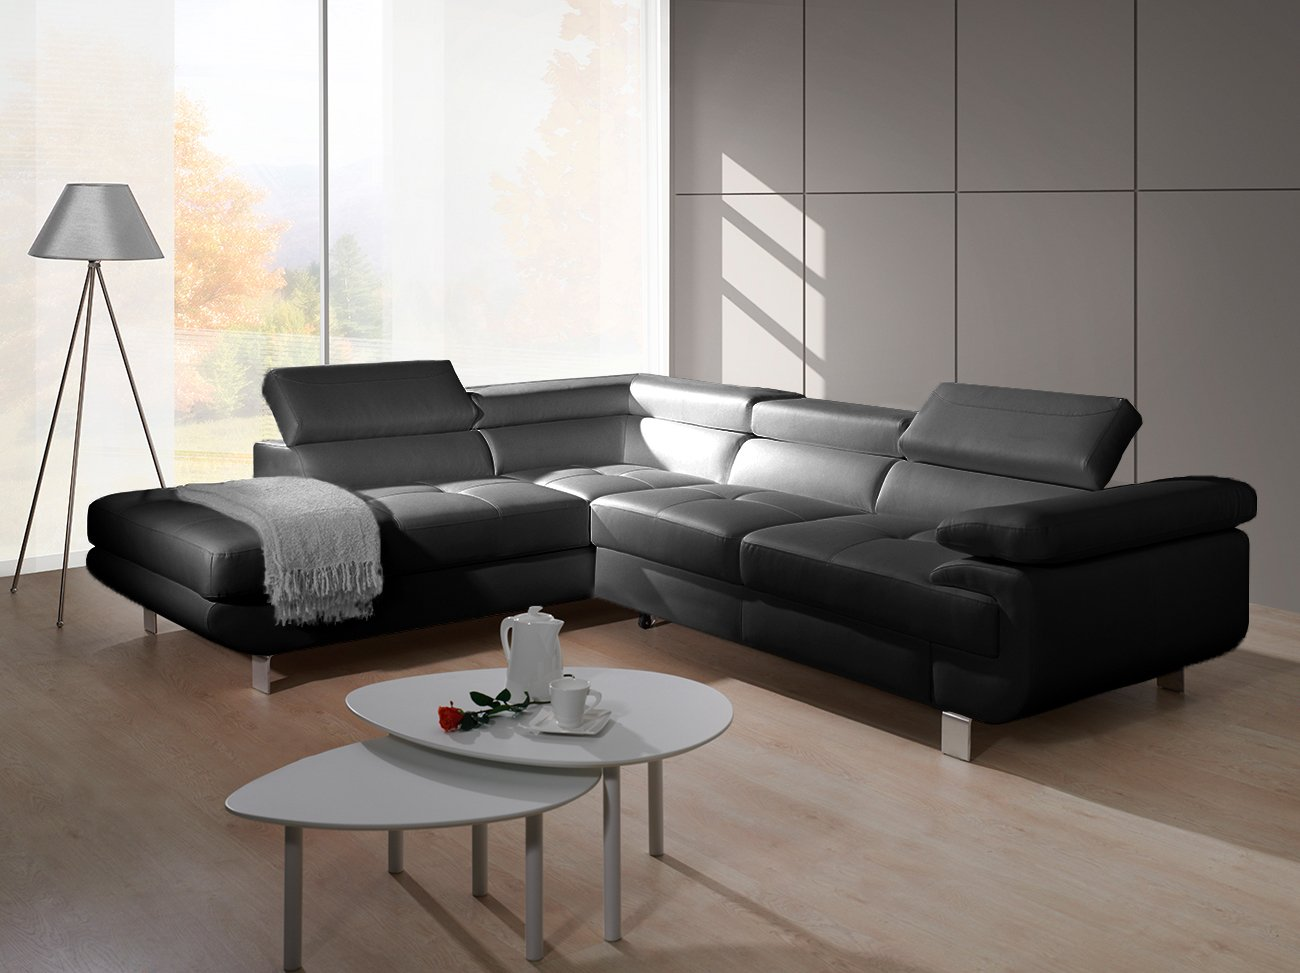 luccia schwarz sofa couch ecksofa l form elegant mit bettkasten schlaffunktion ebay. Black Bedroom Furniture Sets. Home Design Ideas